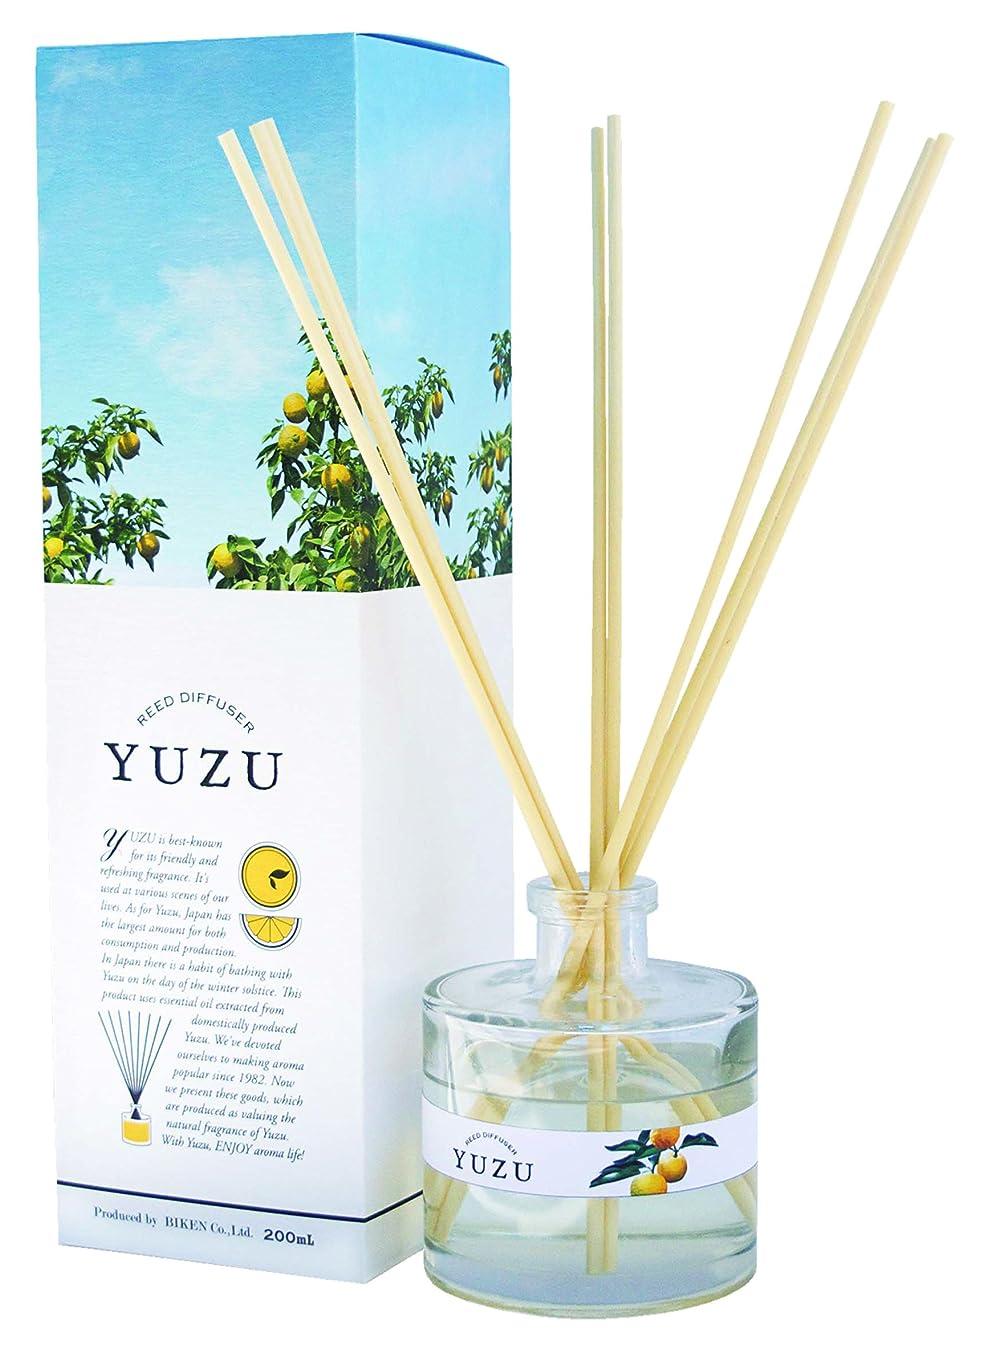 衝撃スナッチ蒸発する(美健)BIKEN YUZU消臭リードディフューザー 高知県産ゆず精油(香り)配合